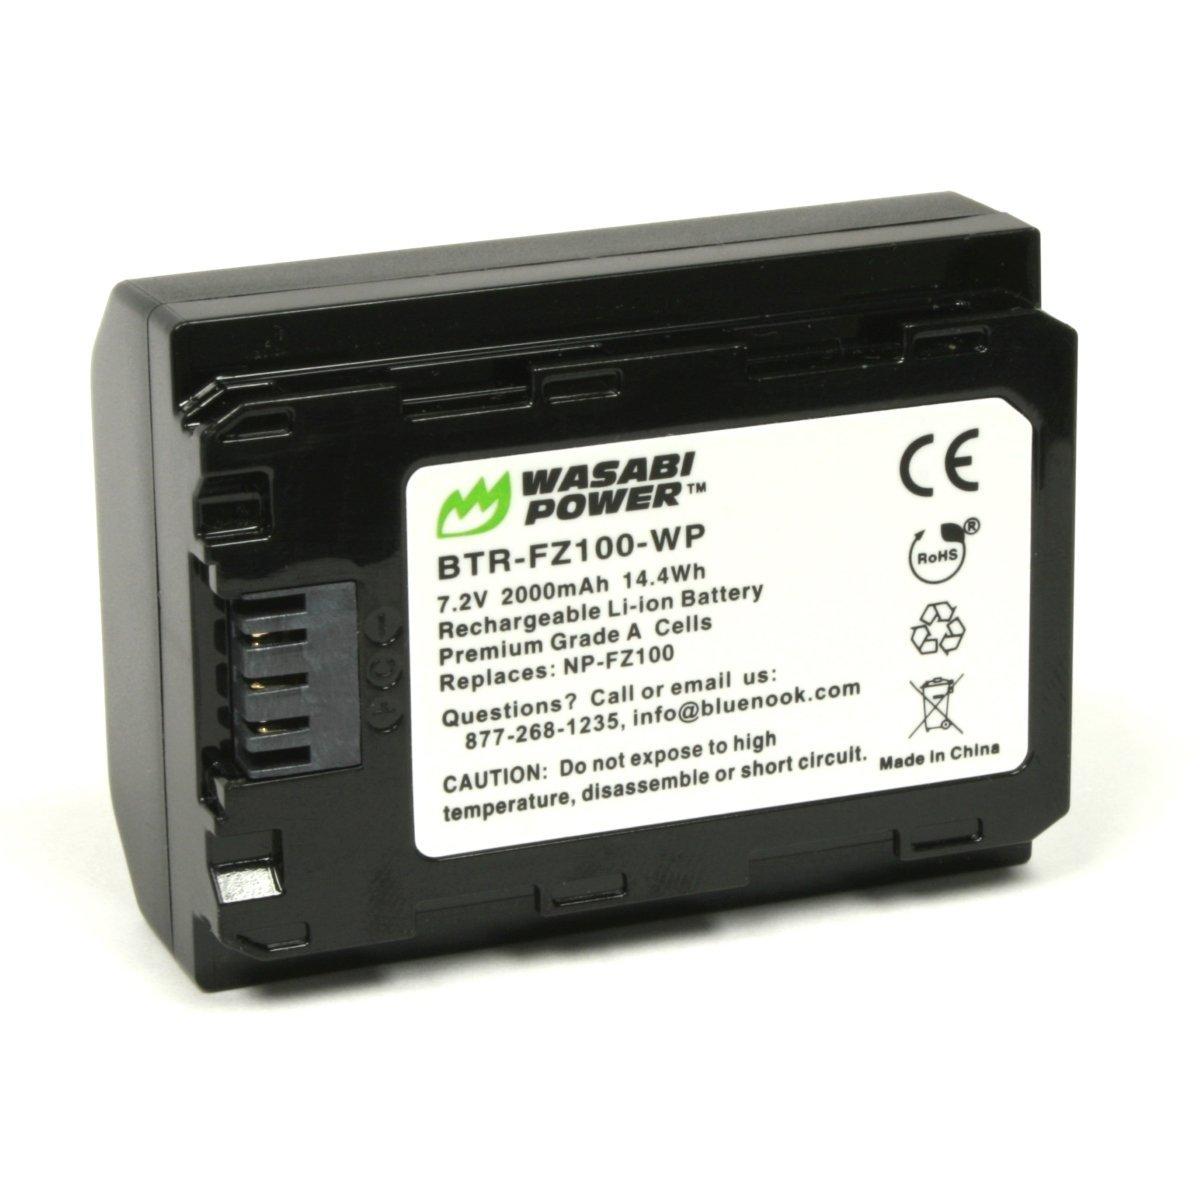 Клон аккумулятора Sony NP-FZ100 от Wasabi